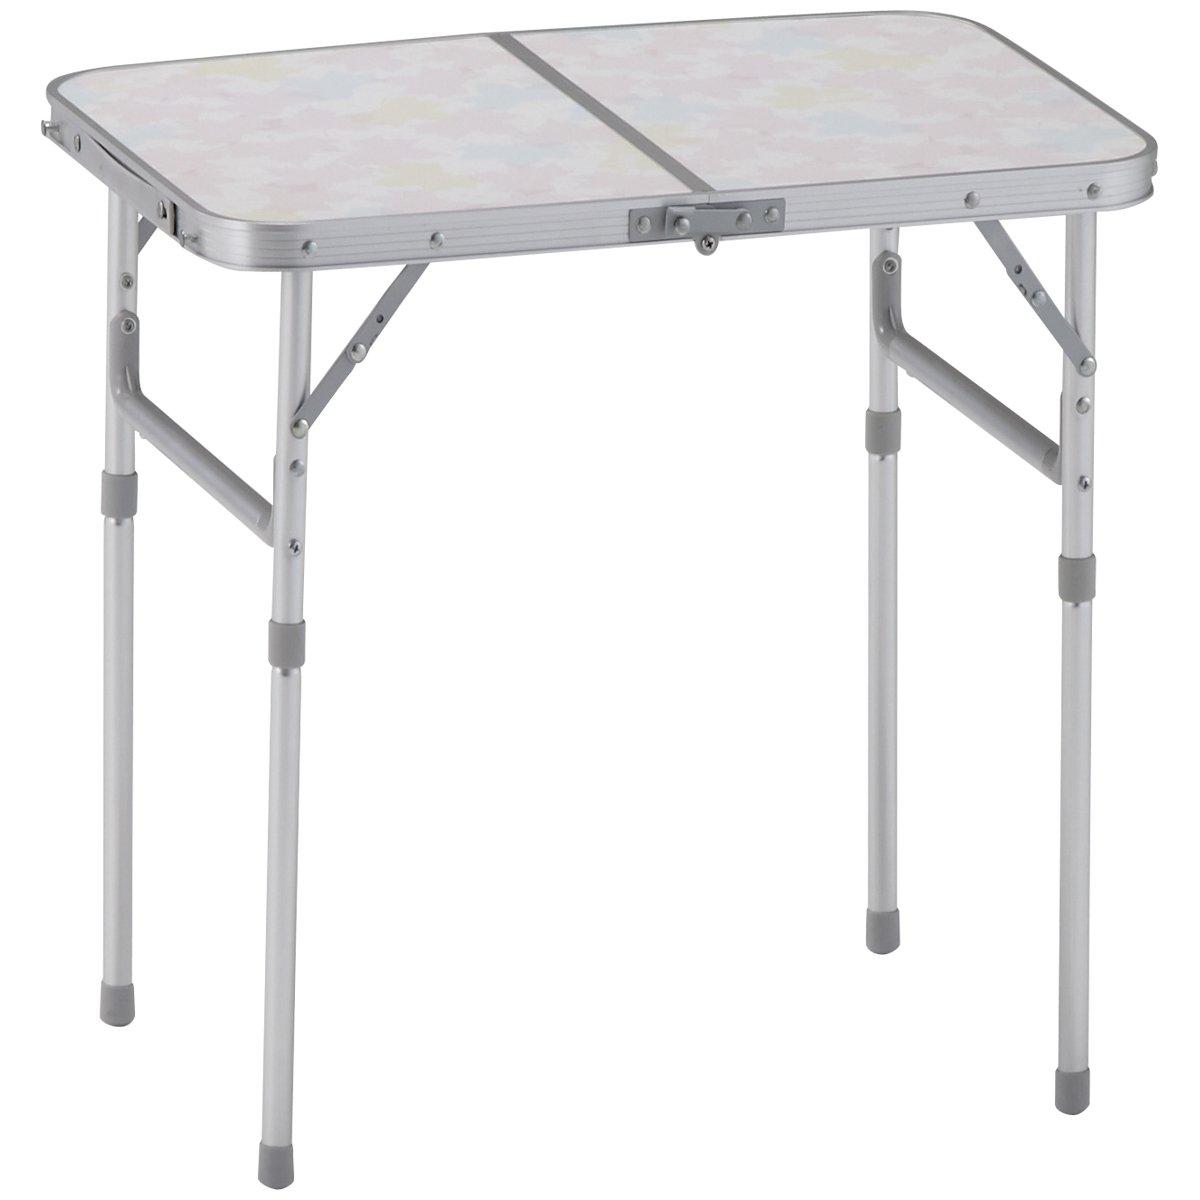 ロゴス テーブル 2FD サイドテーブル(メイプル) B00HYTLQFS 60×60cm